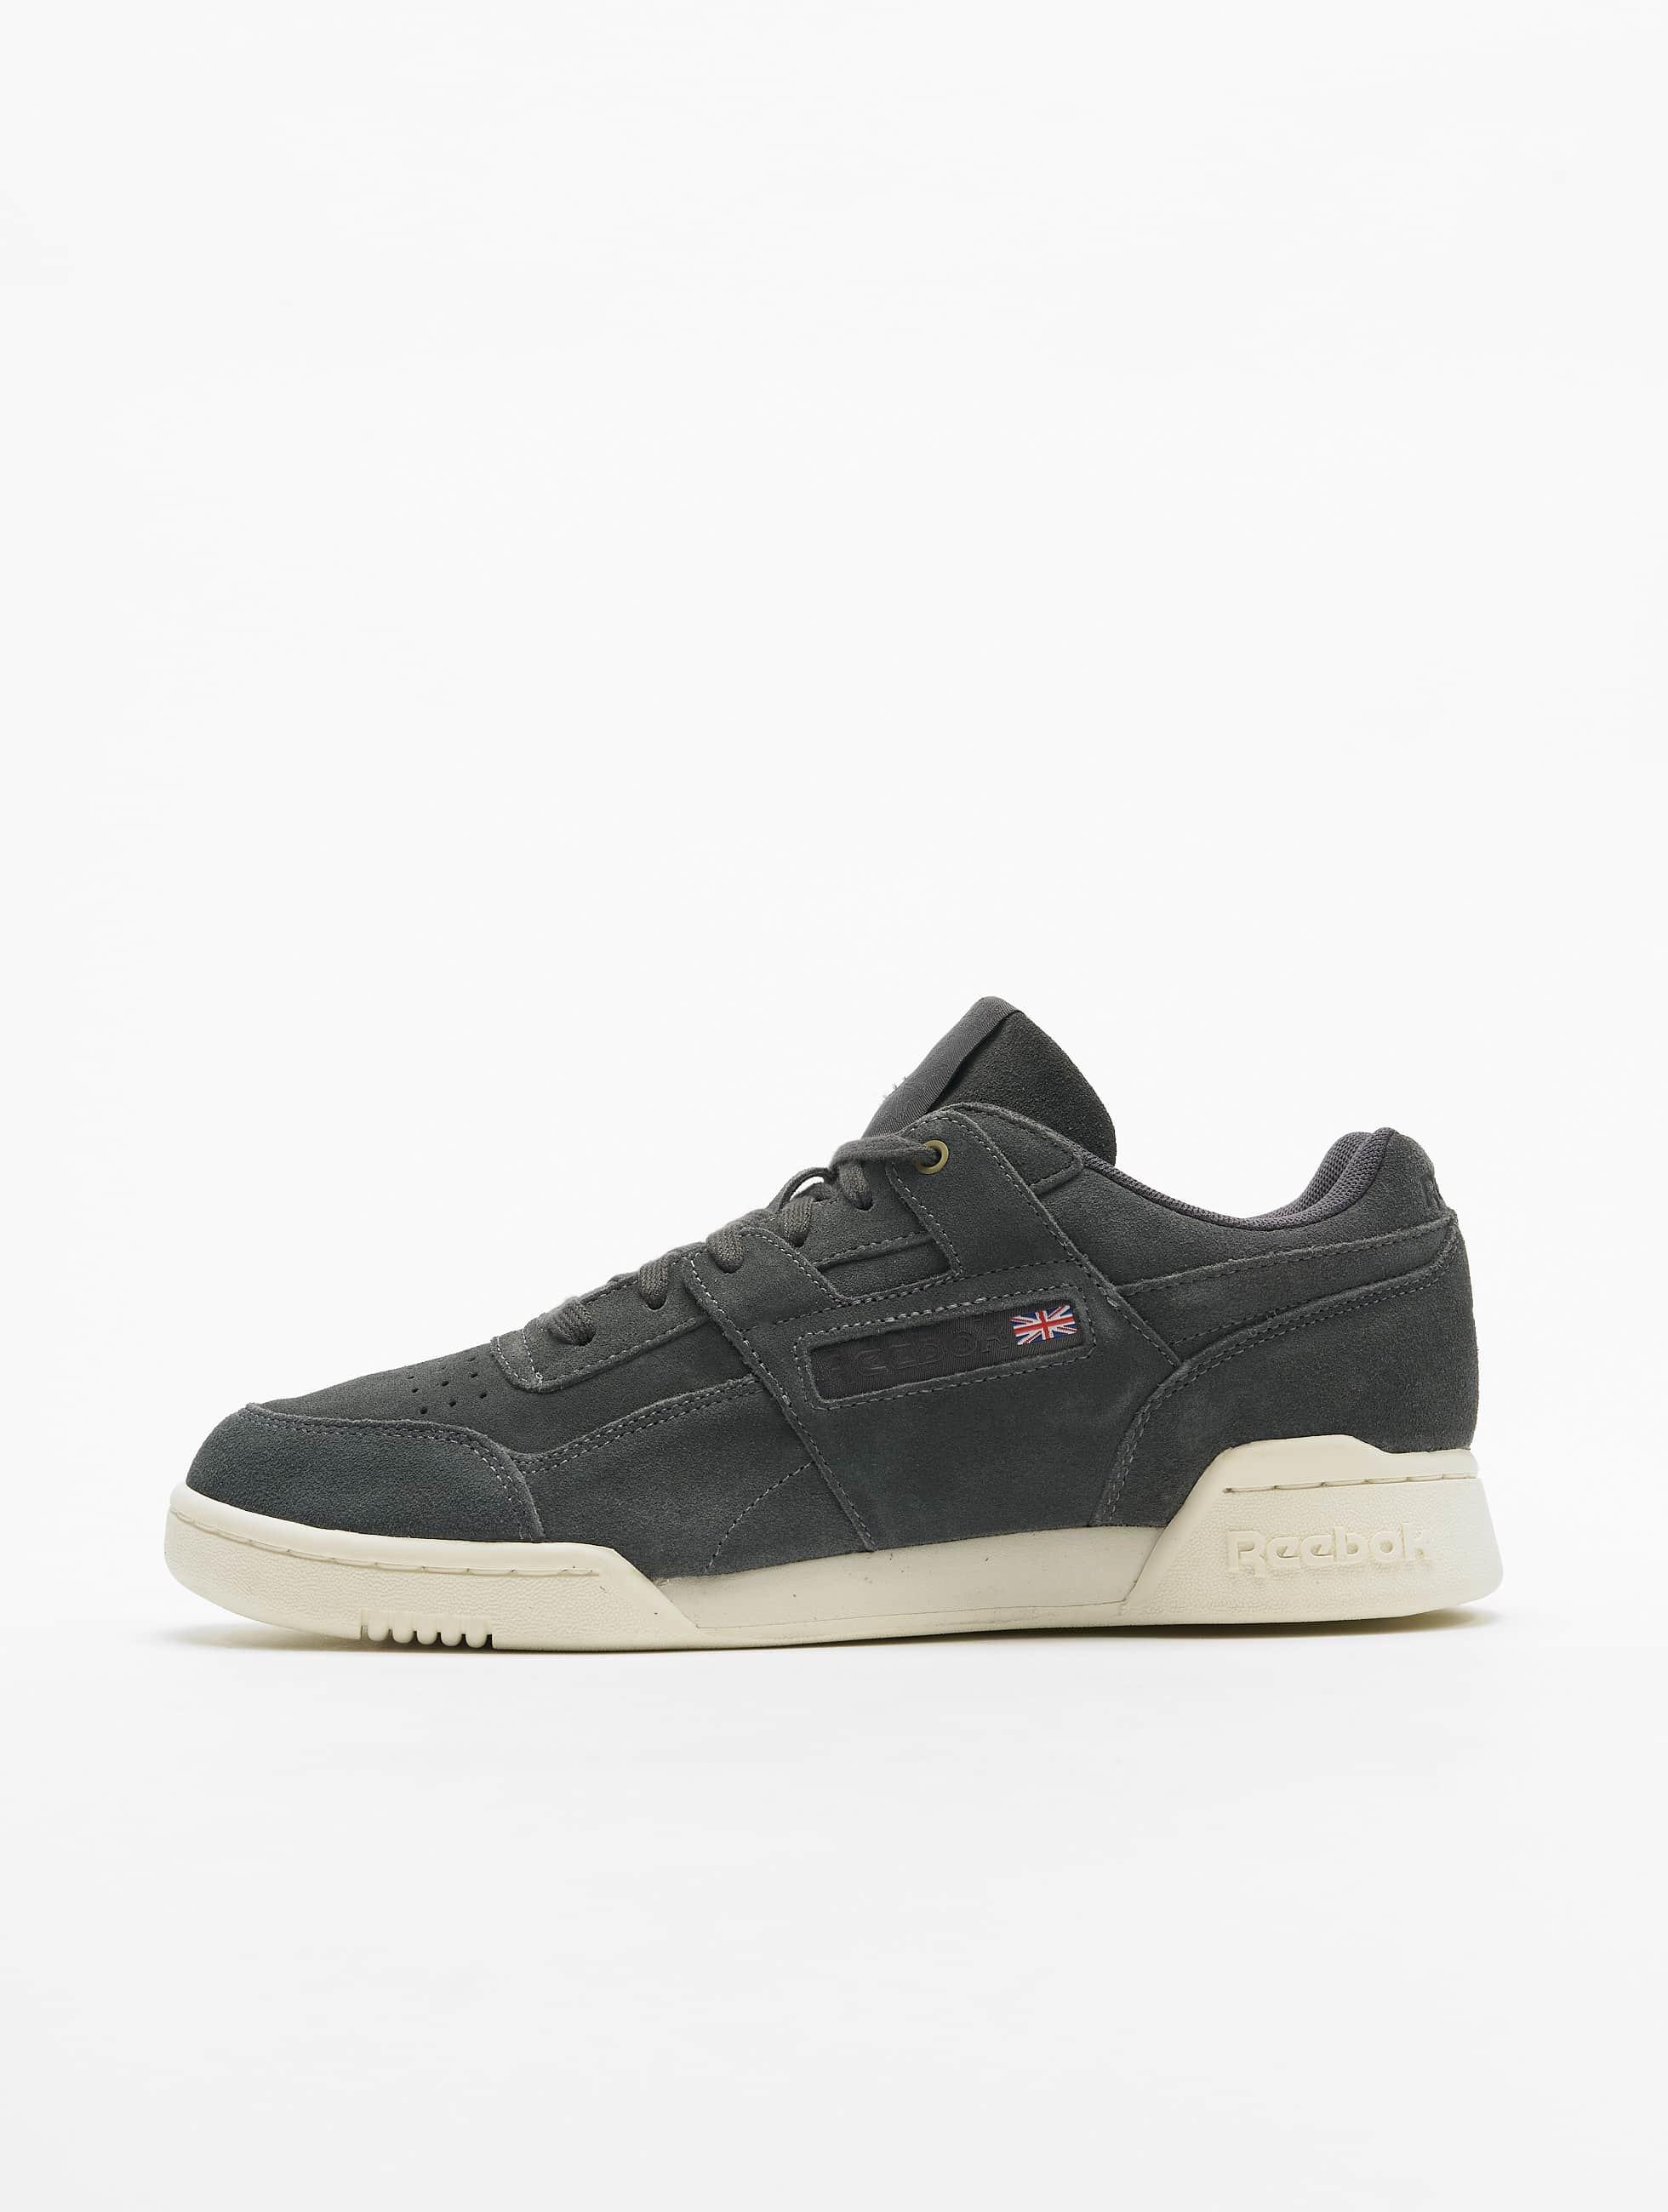 Reebok Entraînement Plus Mcc Chaussures Sneakers Lo Vert Vert cledSMFT